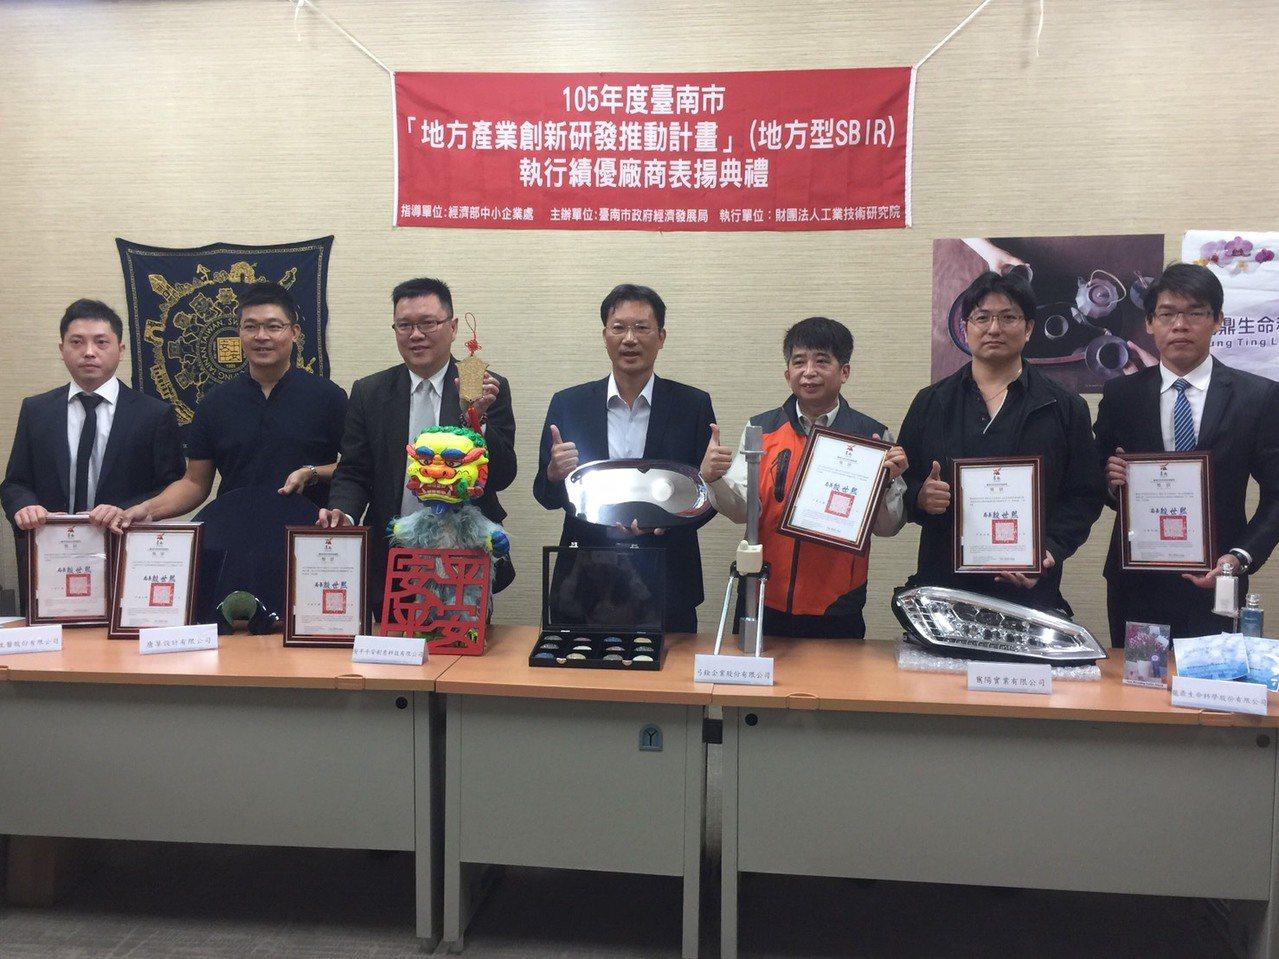 台南市政府經濟發展局積極動地方產業創新研究計畫。 記者吳政修/攝影